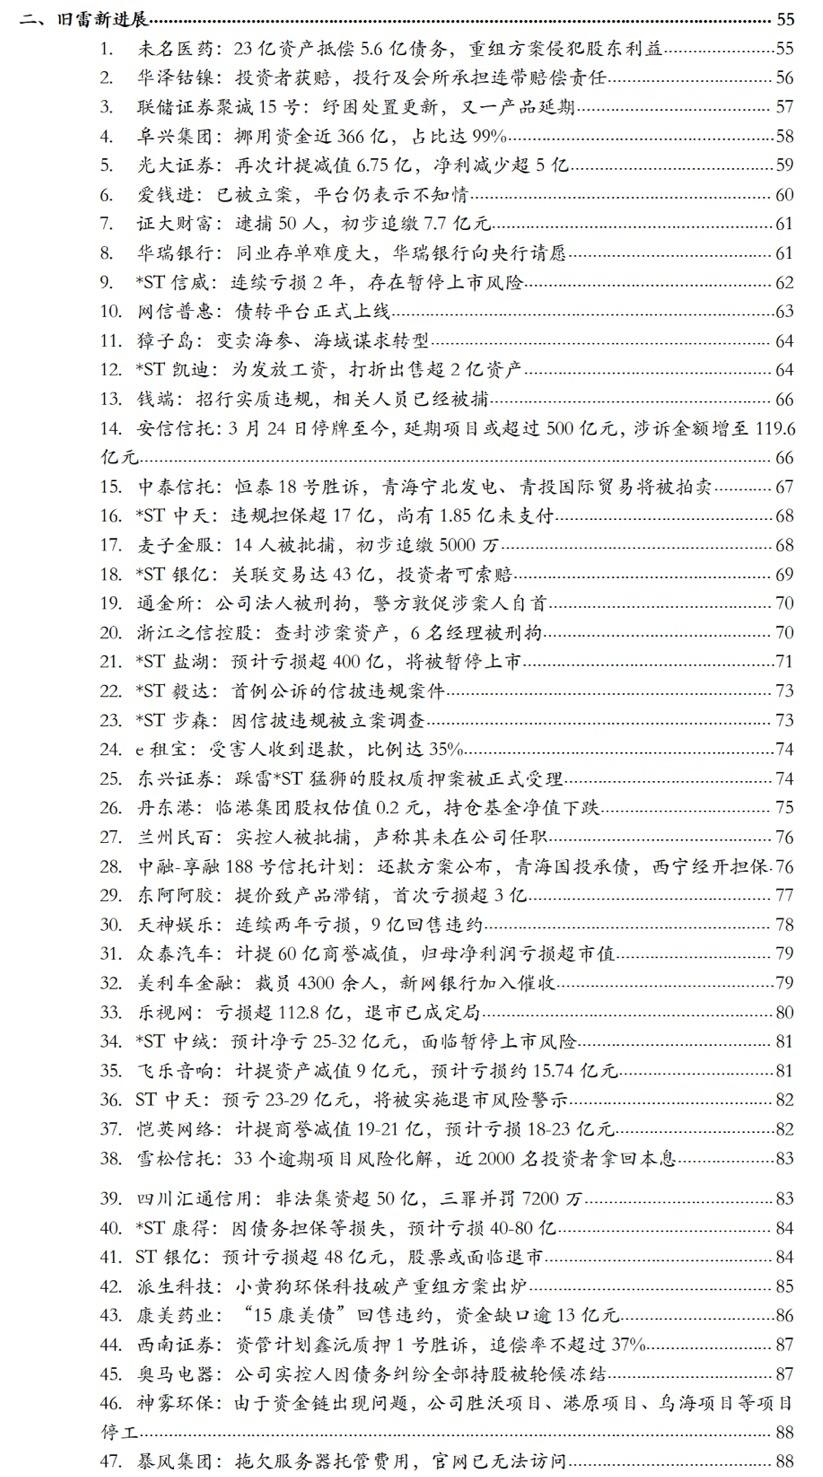 财富黑名单:2020年1-3月爆雷违约机构及产品全解析